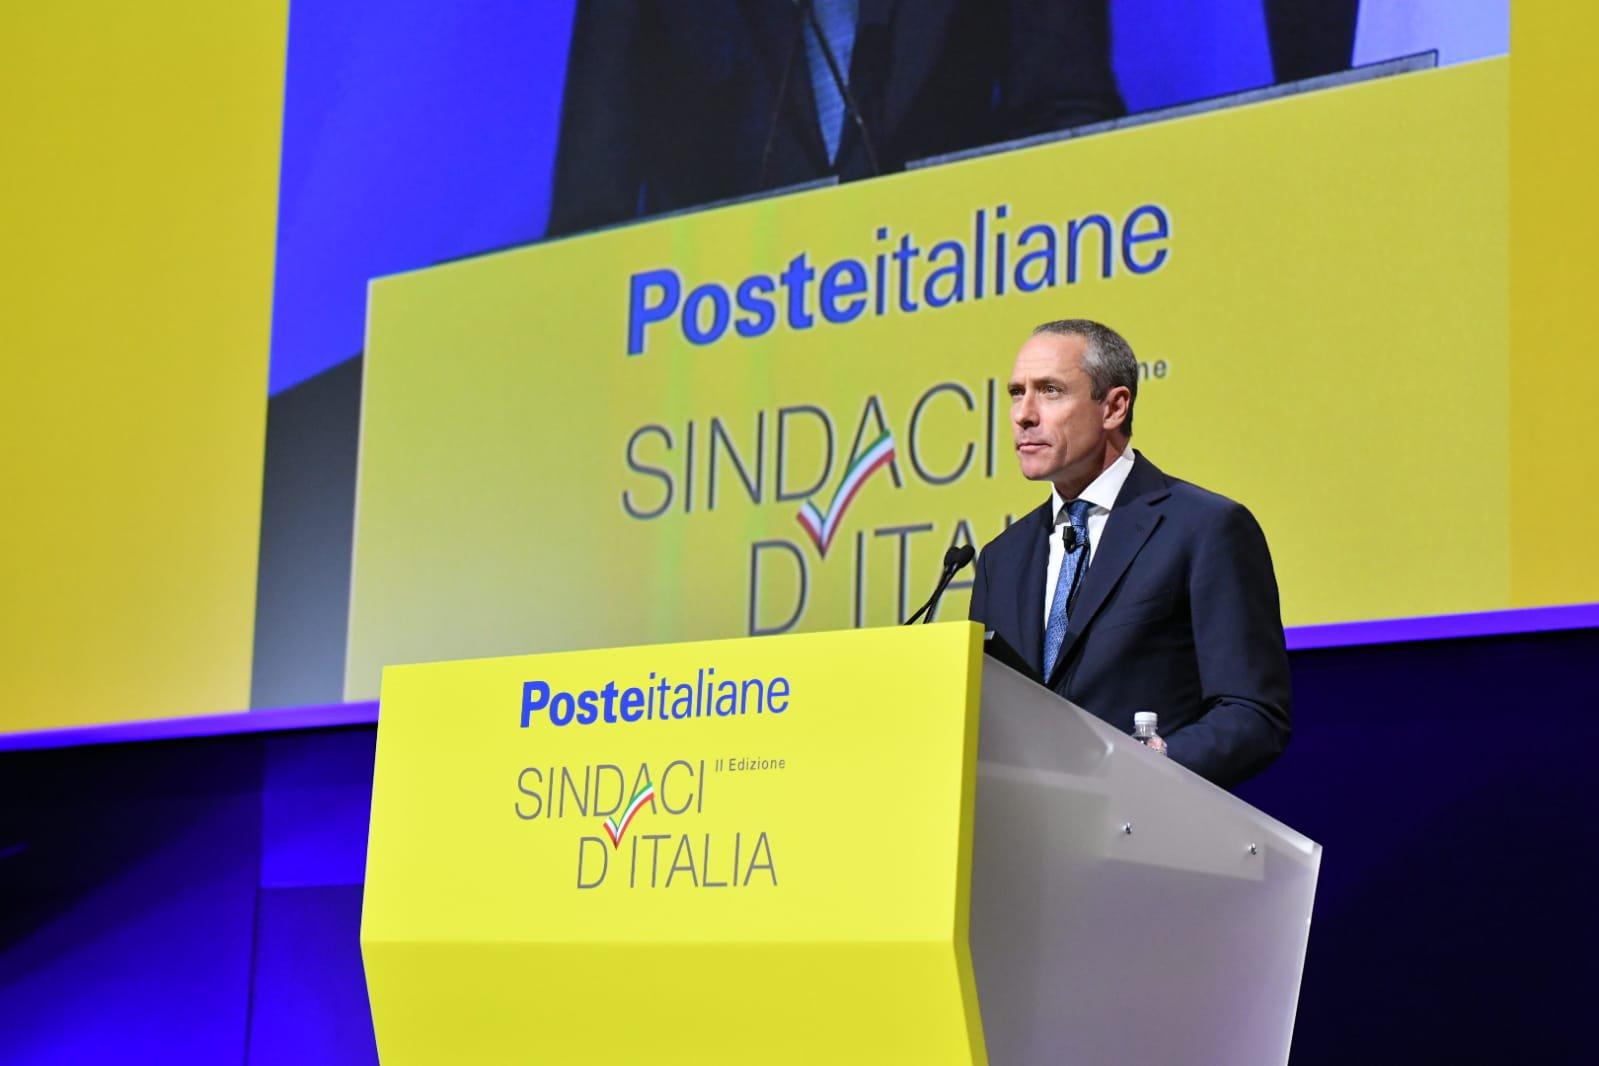 L'e-commerce fa volare Poste Italiane, in nove mesi ricavi da 8 miliardi